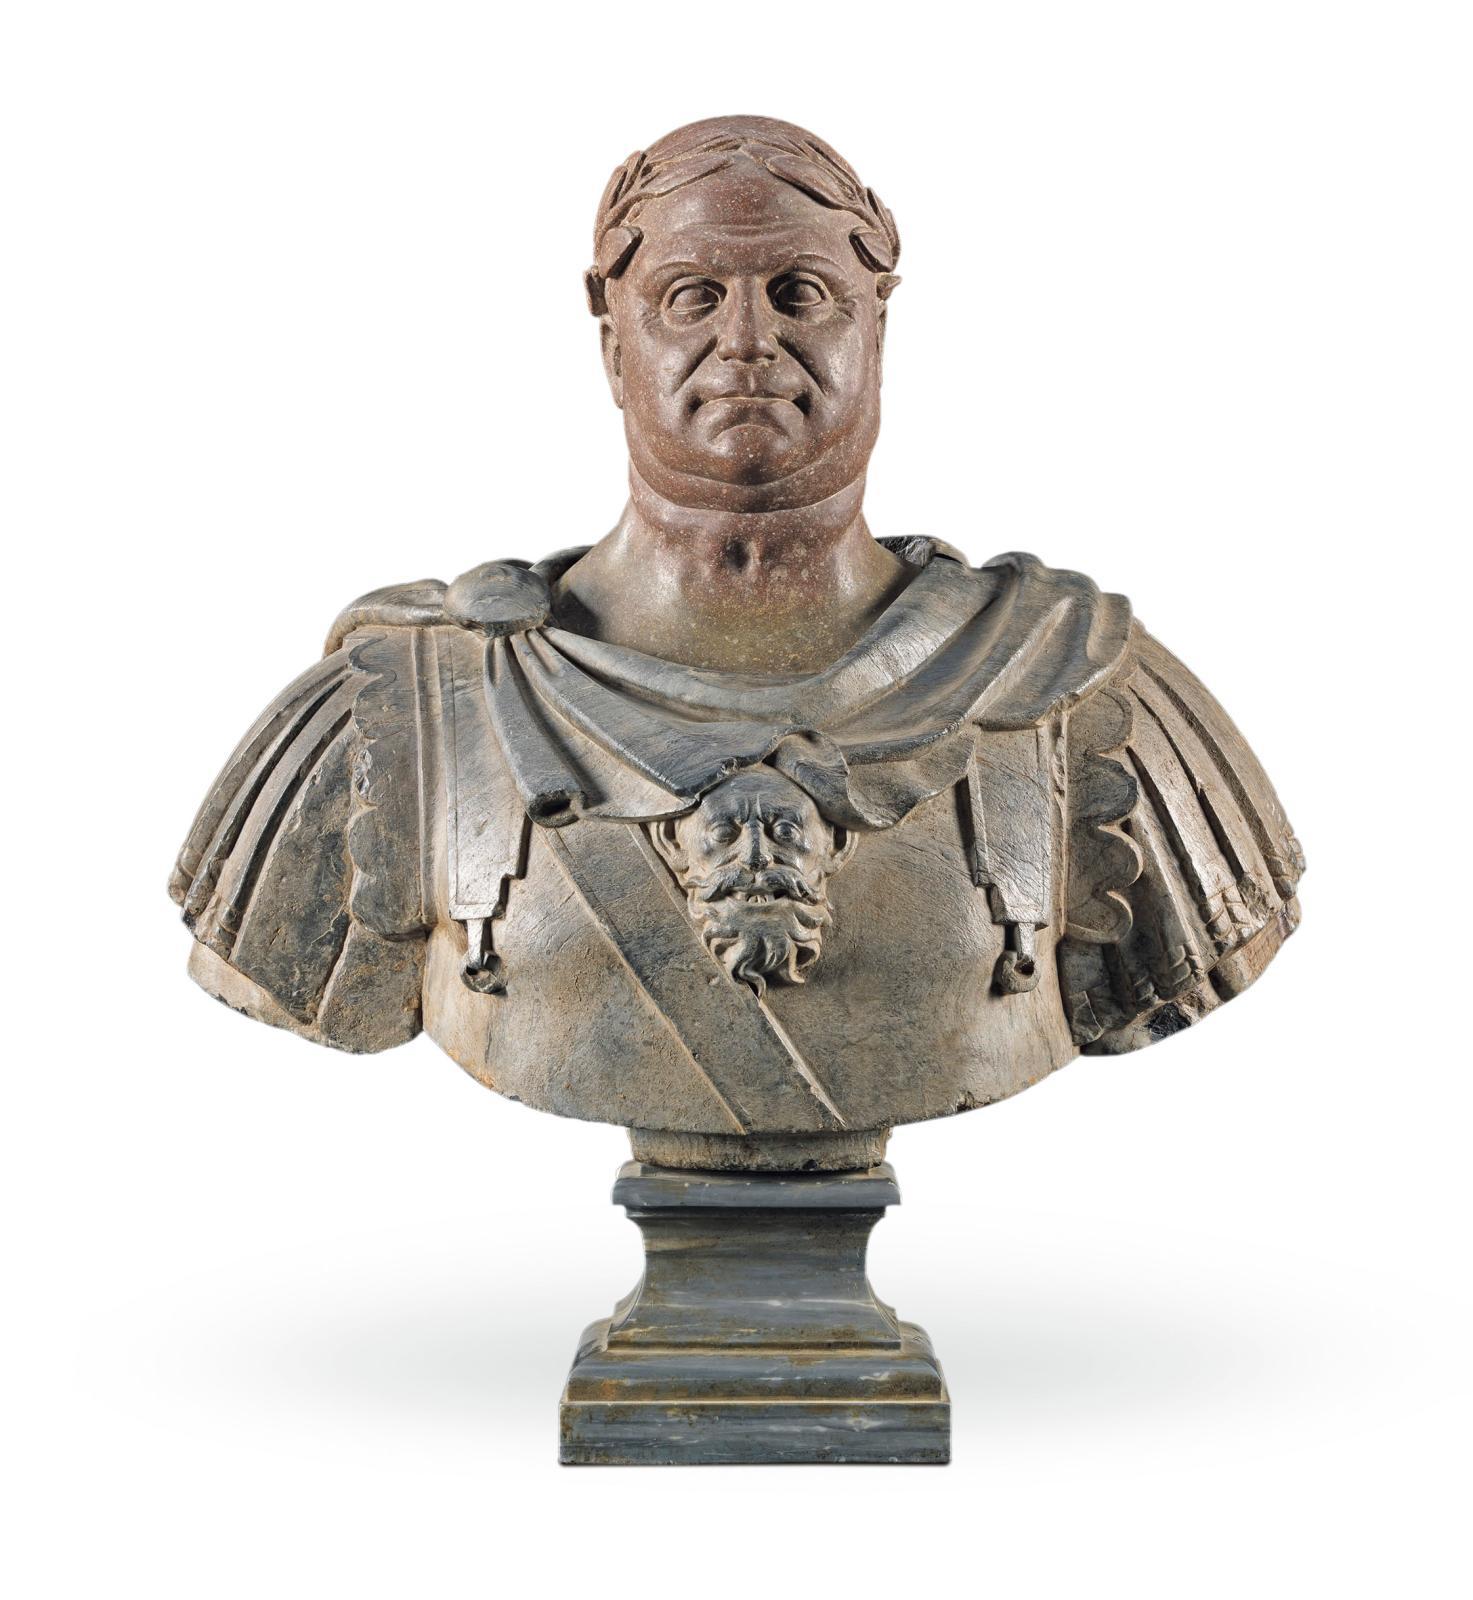 Rome, ateliers impériaux, Iersiècle apr. J.-C. pour la tête, XVIIesiècle pour le buste. Portrait en buste de l'empereur Vespasien, marbre gris et mi